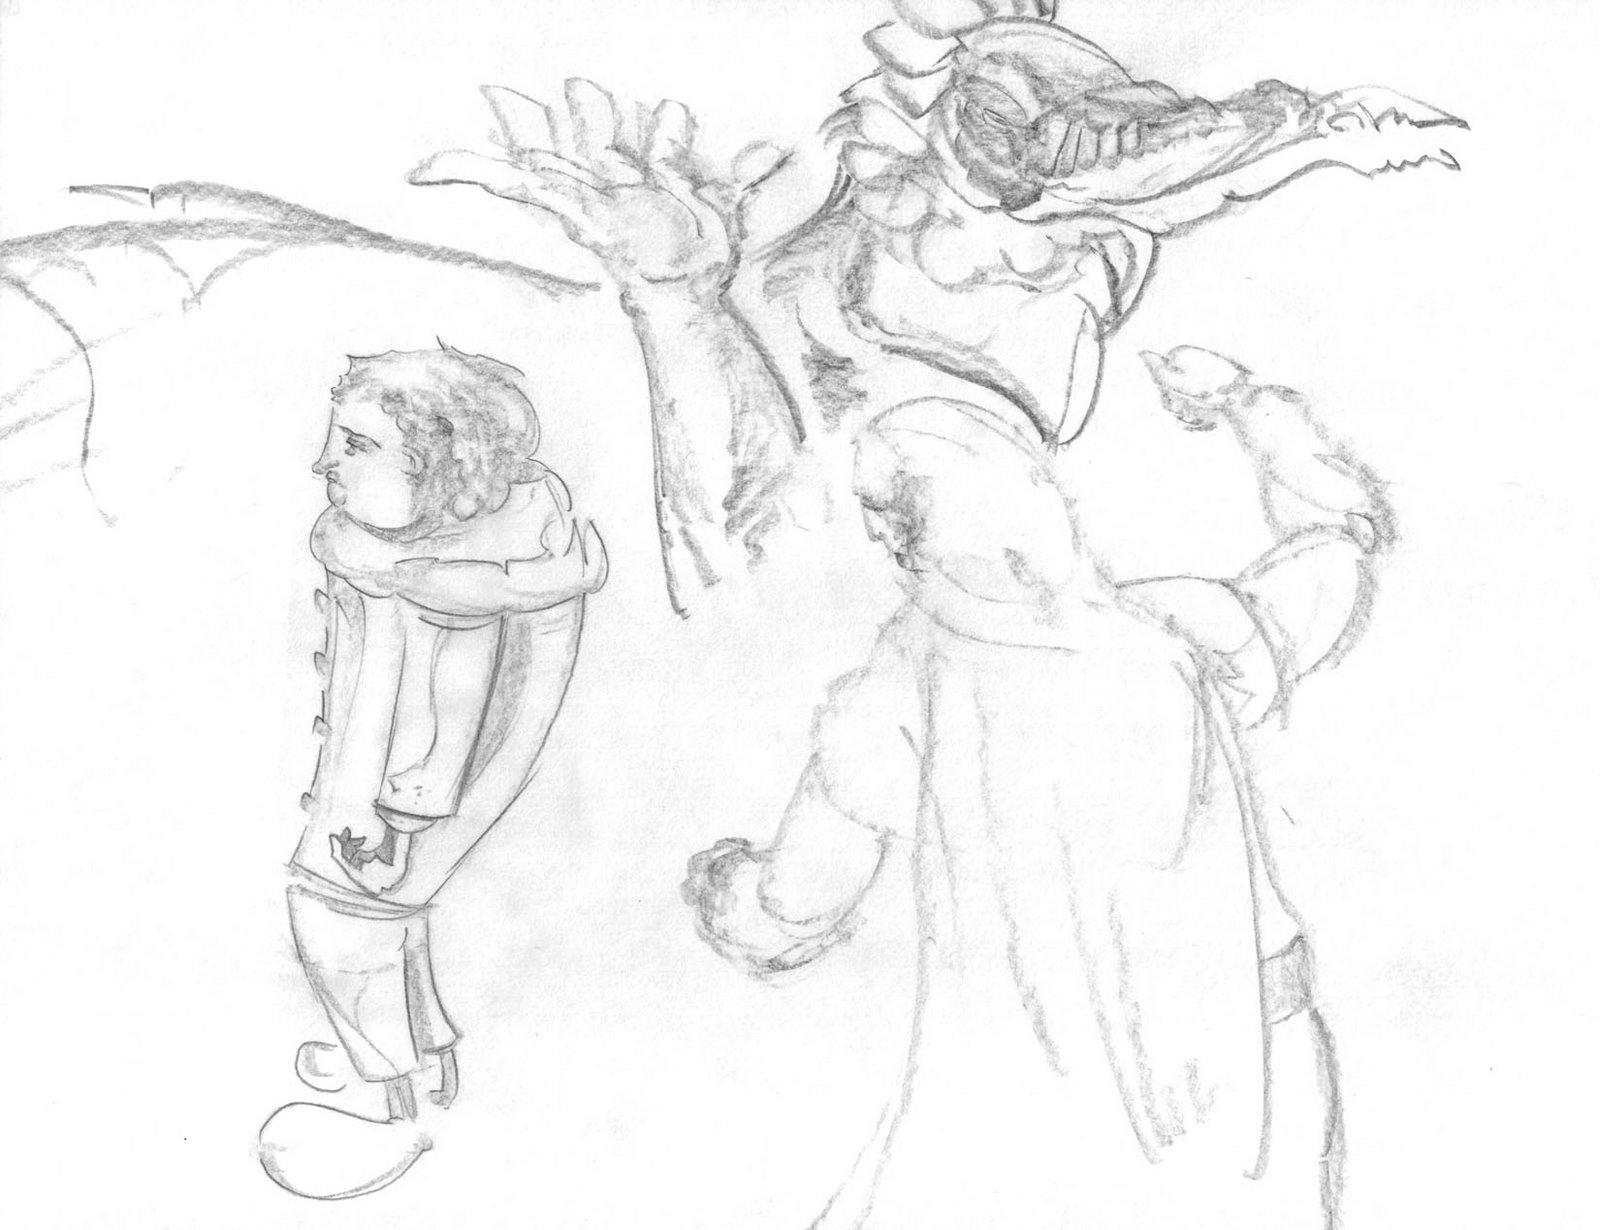 [timlee.sketch.2007.01.045.jpg]